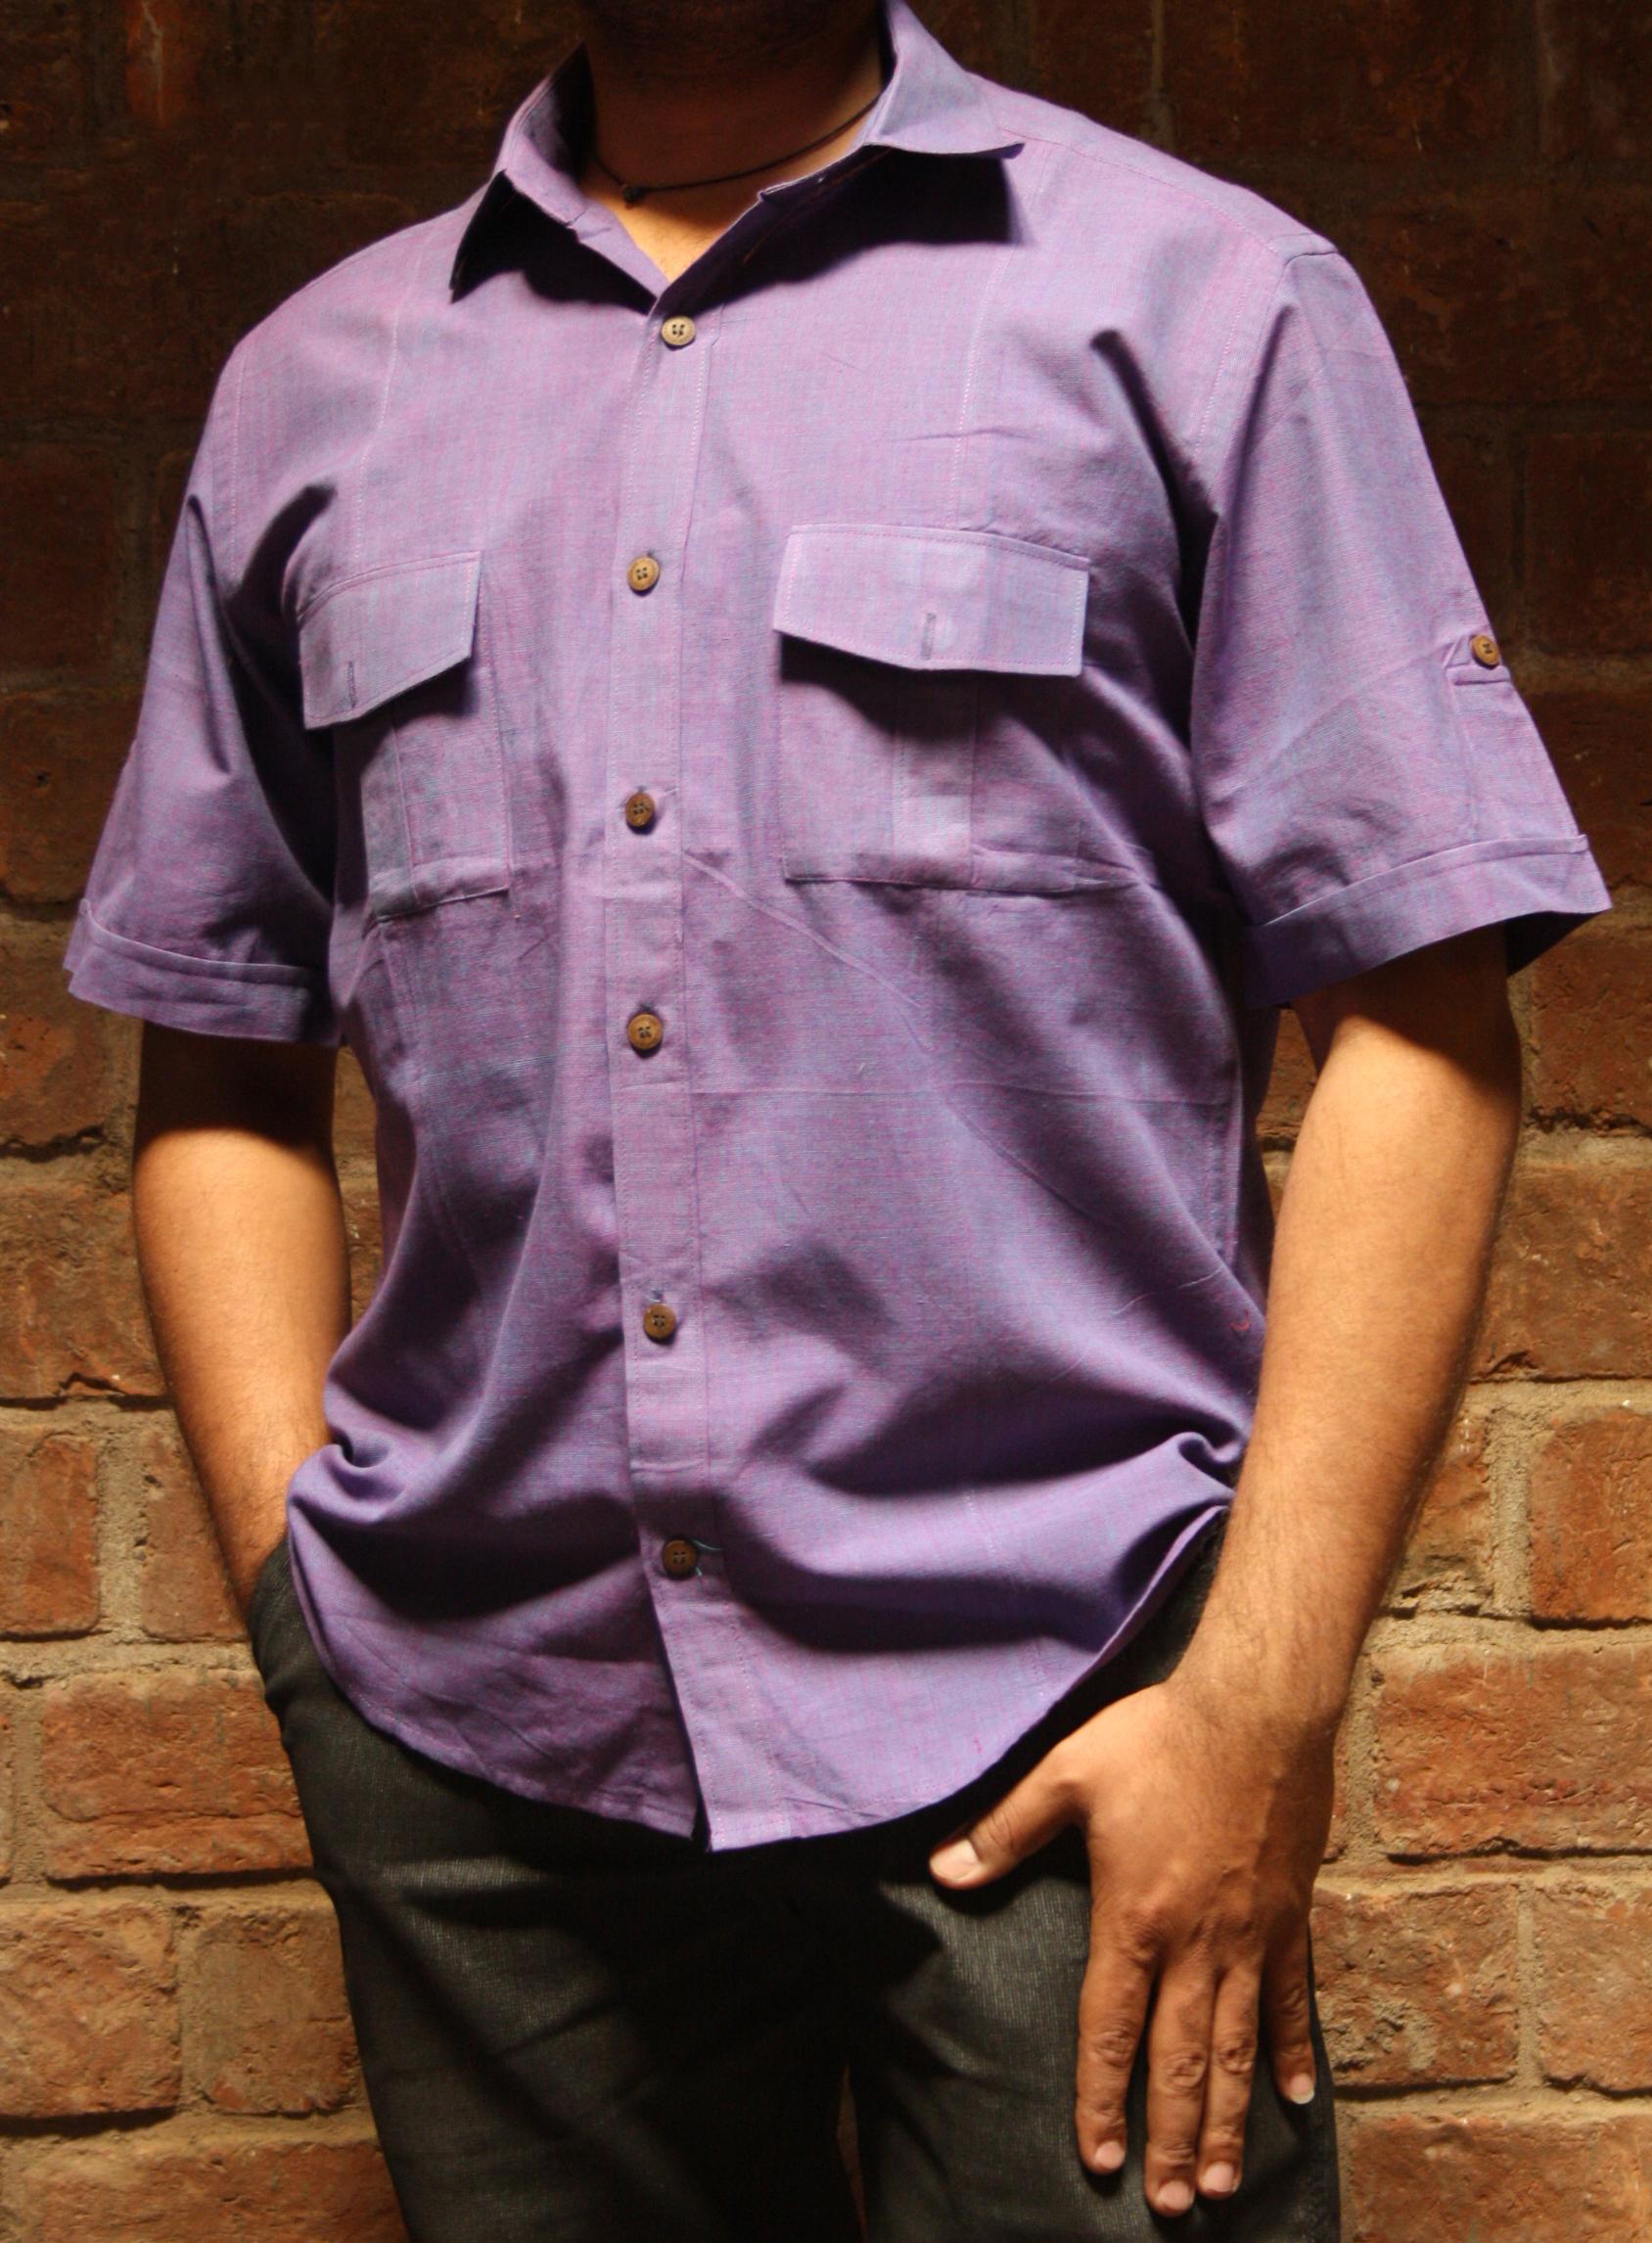 Shirt Half Sleeve Double Pocket (SHSDP) Handloom